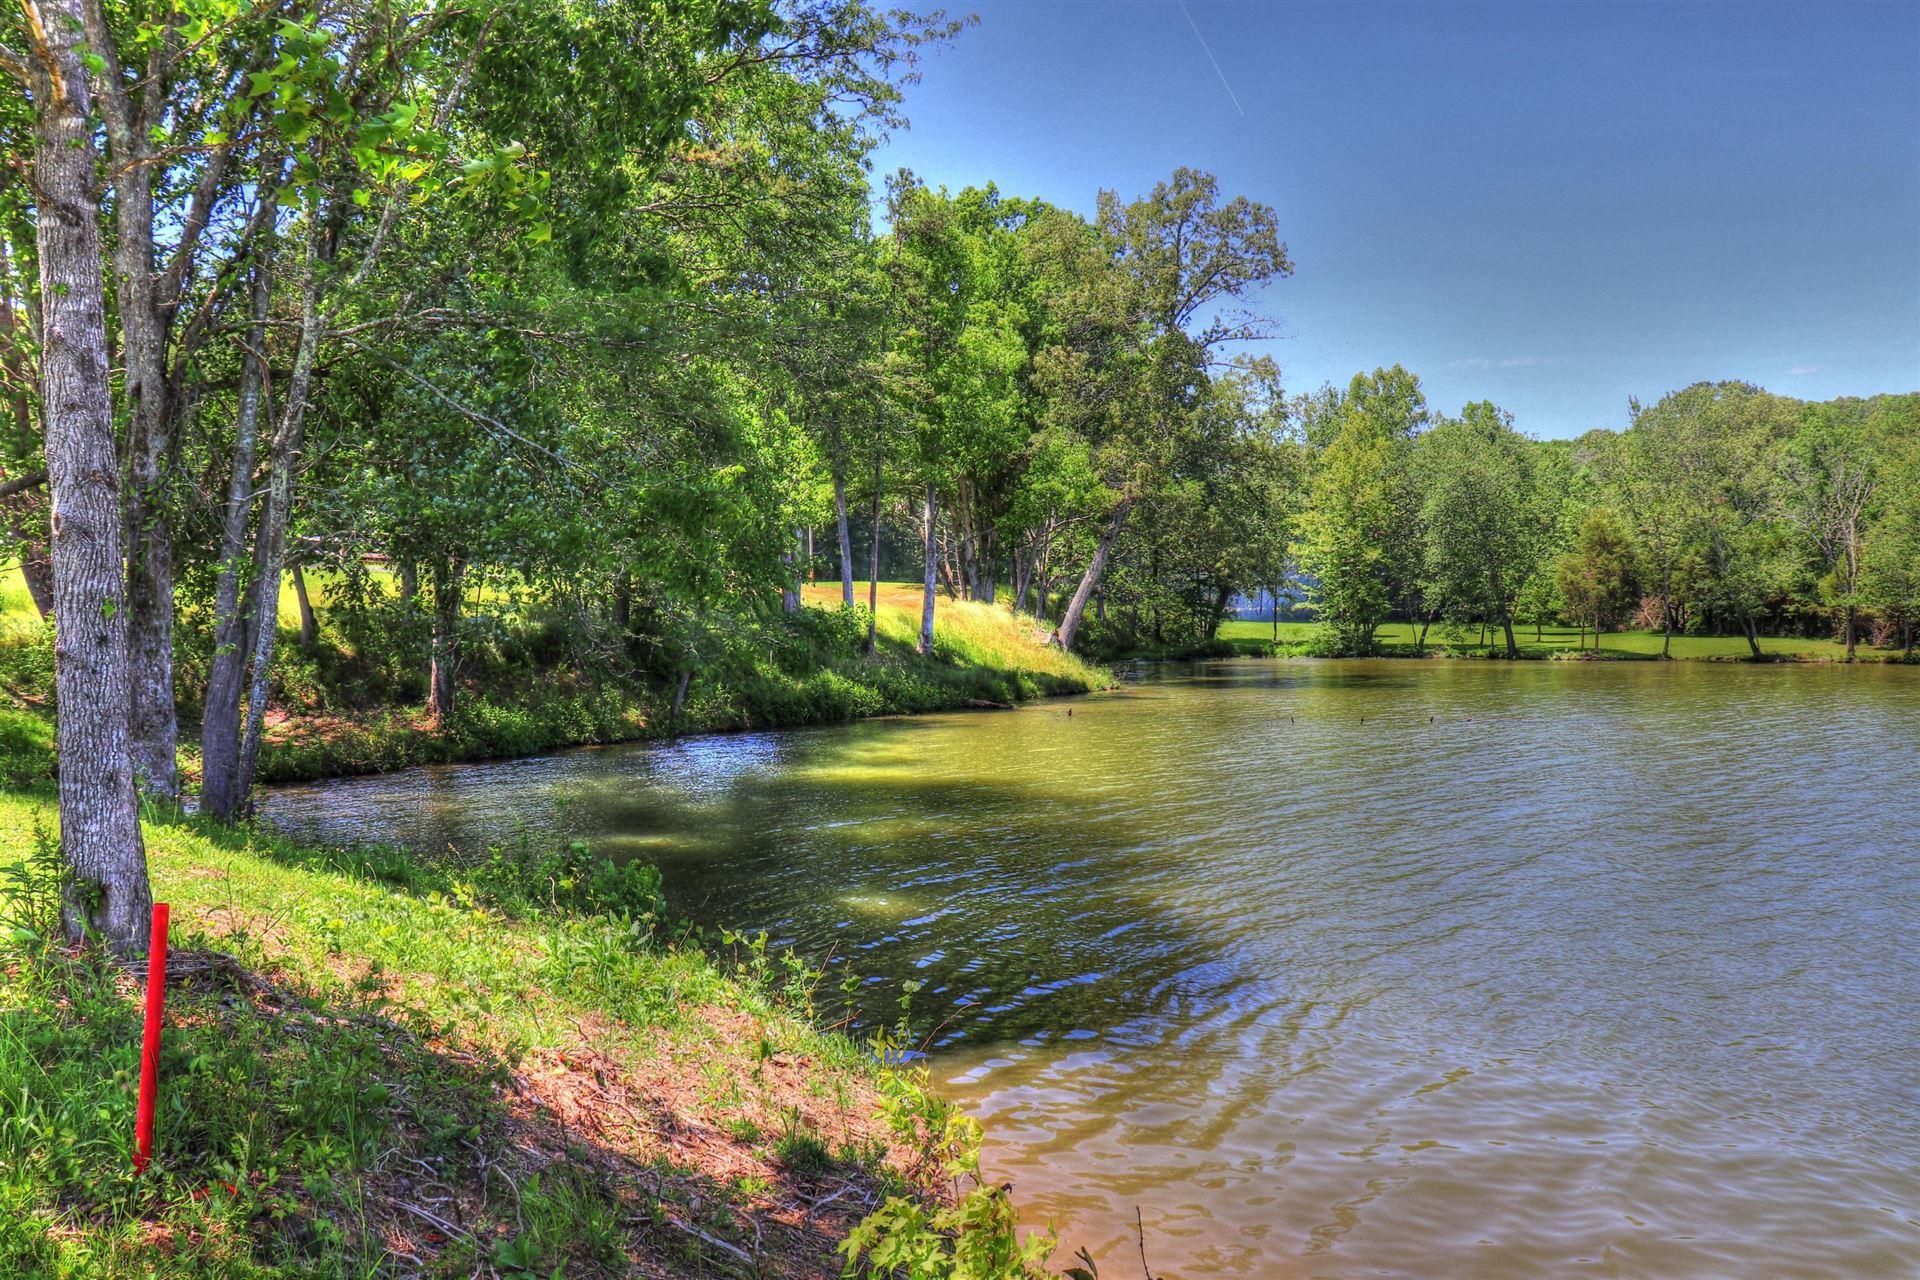 Photo for Lot 747 Winton Chapel Rd, Rockwood, TN 37854 (MLS # 1118528)